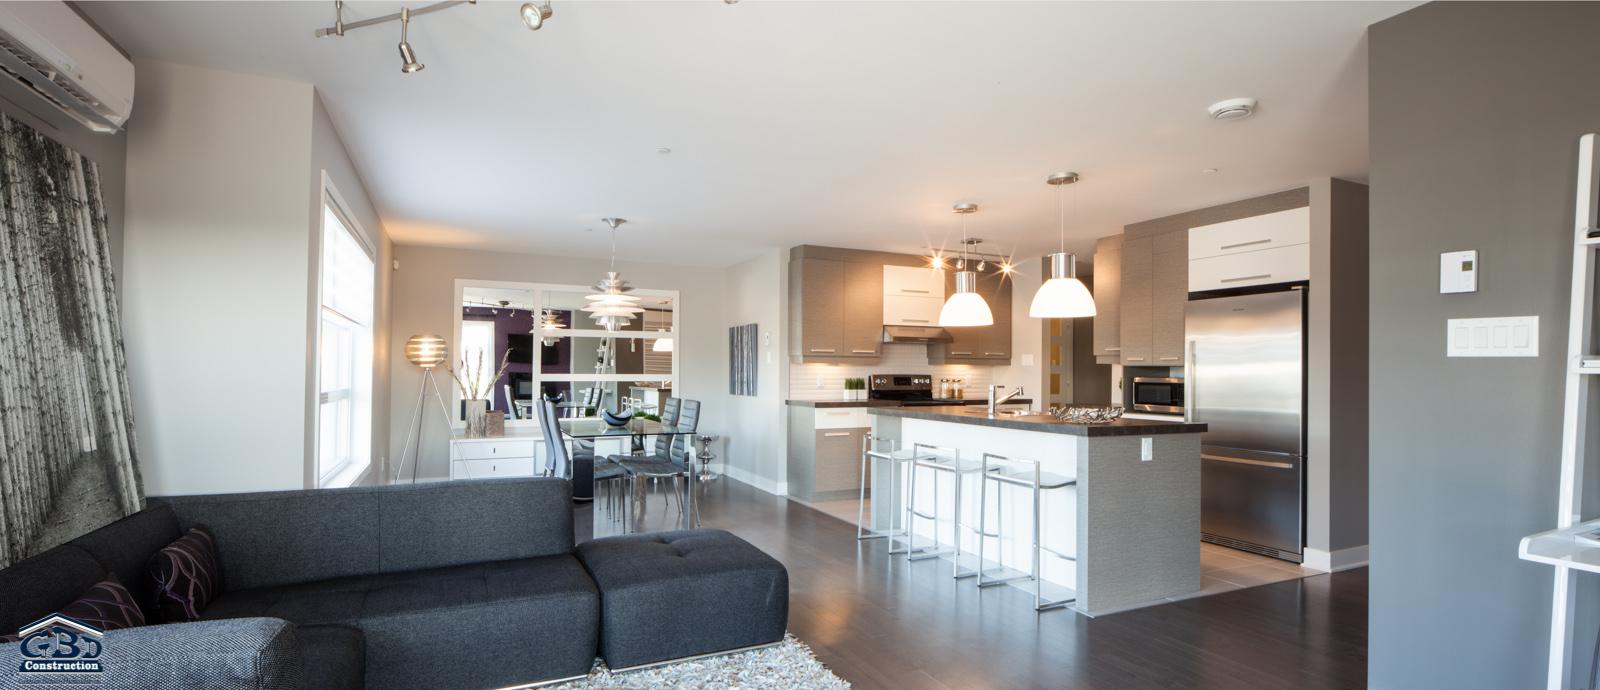 condominiums quatuo projet domiciliaire saint eustache gbd construction. Black Bedroom Furniture Sets. Home Design Ideas